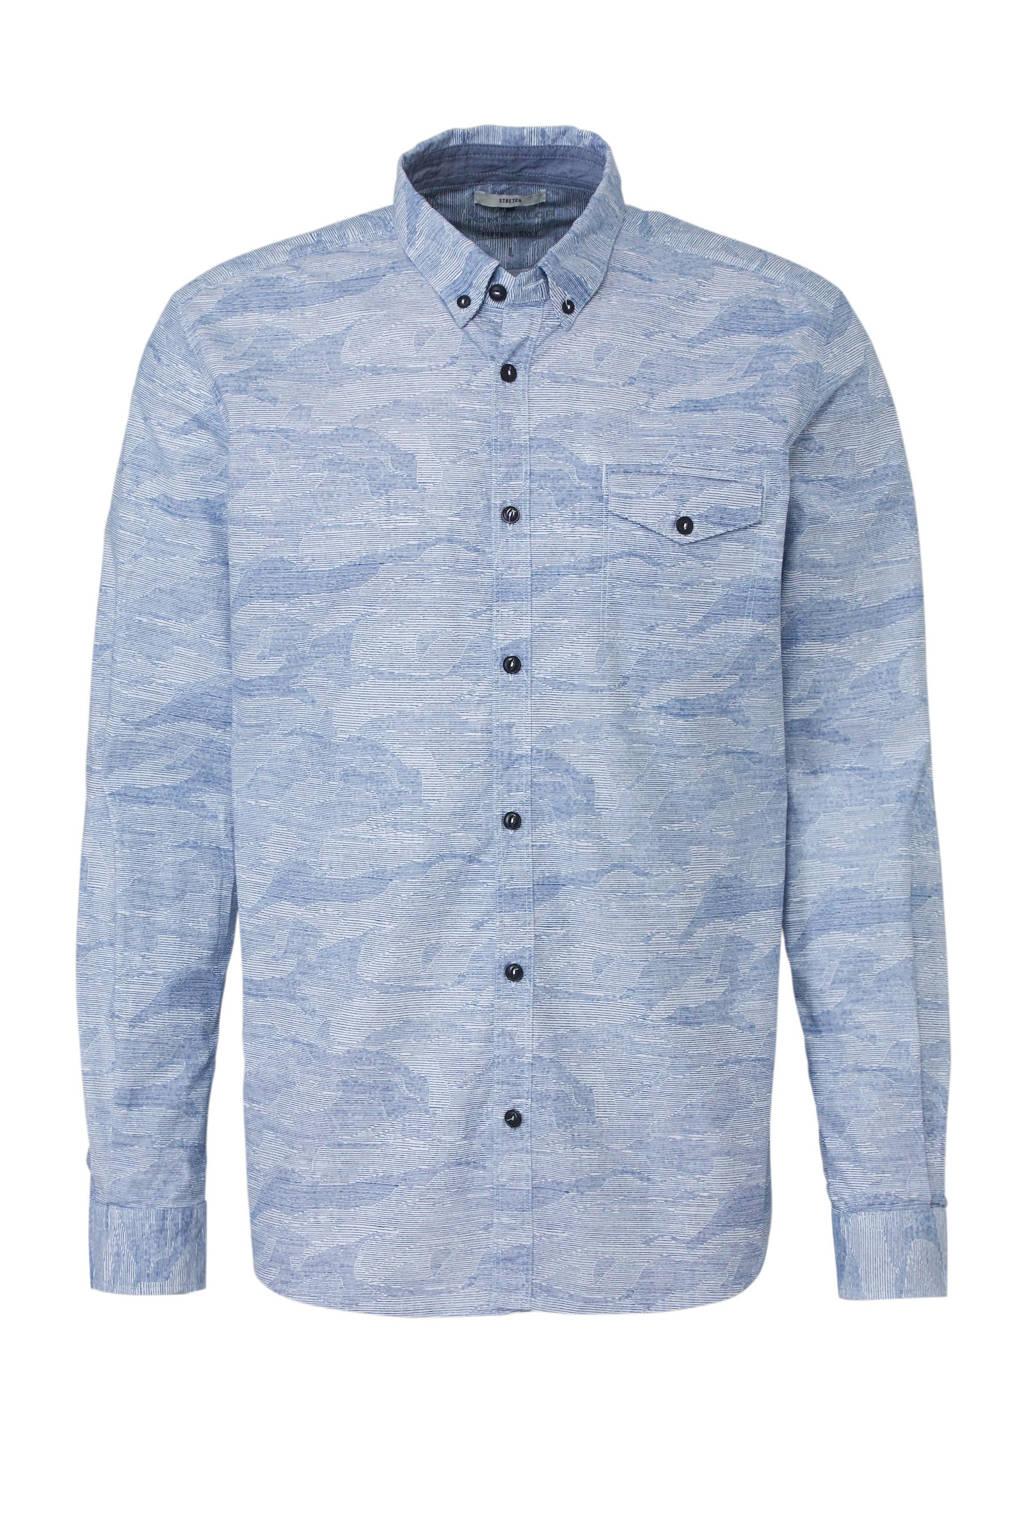 Tom Tailor regular fit overhemd met print blauw, Blauw